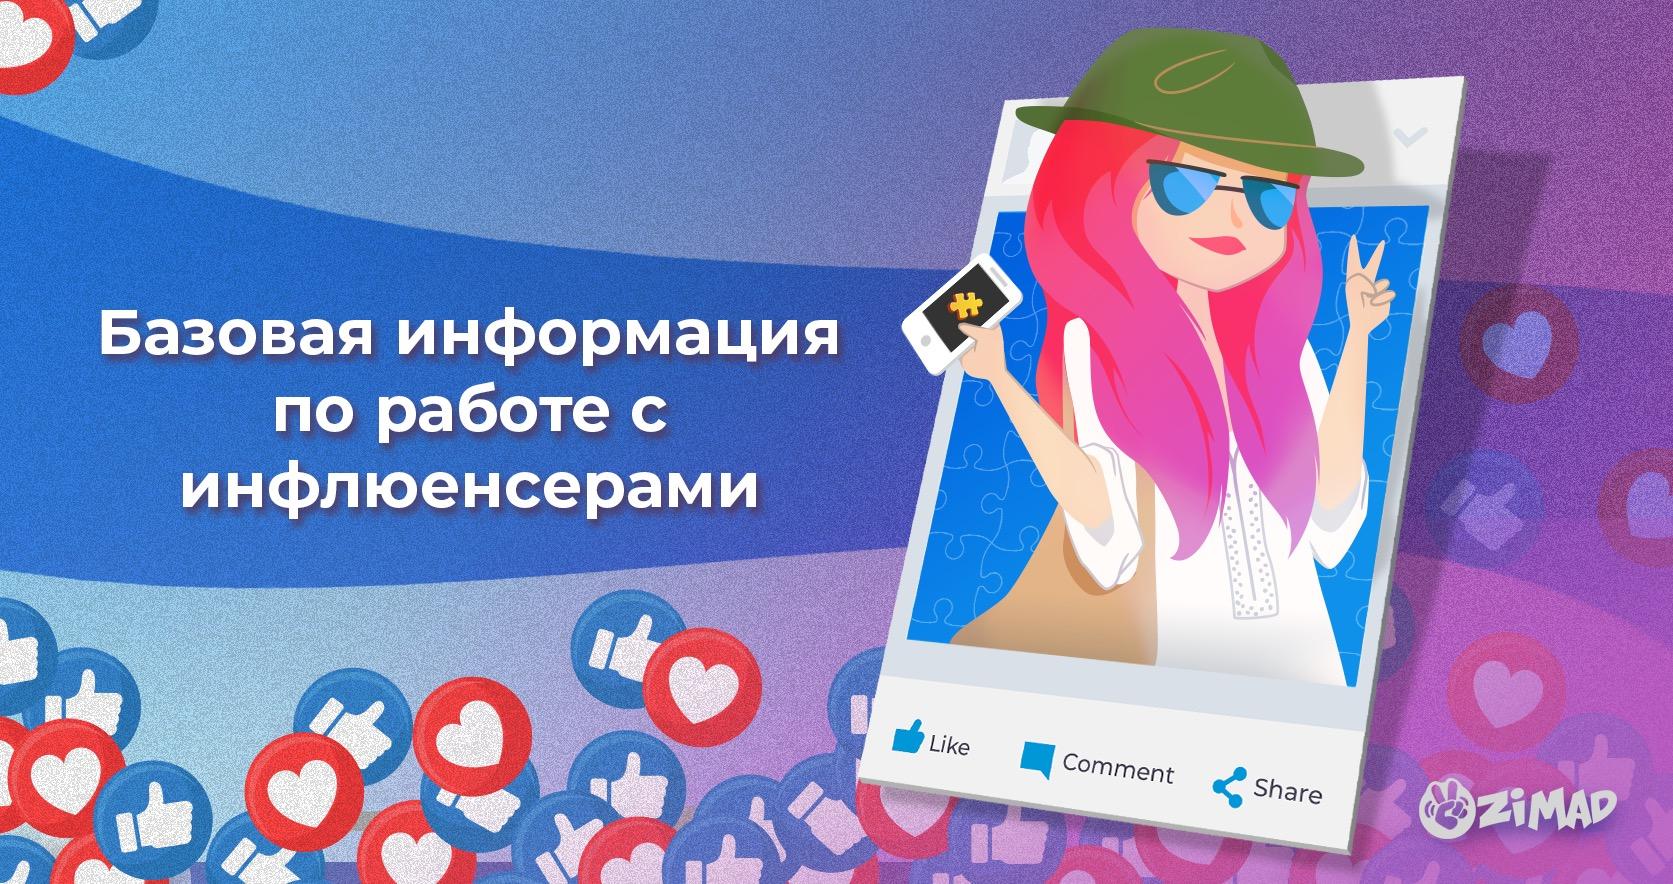 Иллюстрация - фигура девушки с телефоном